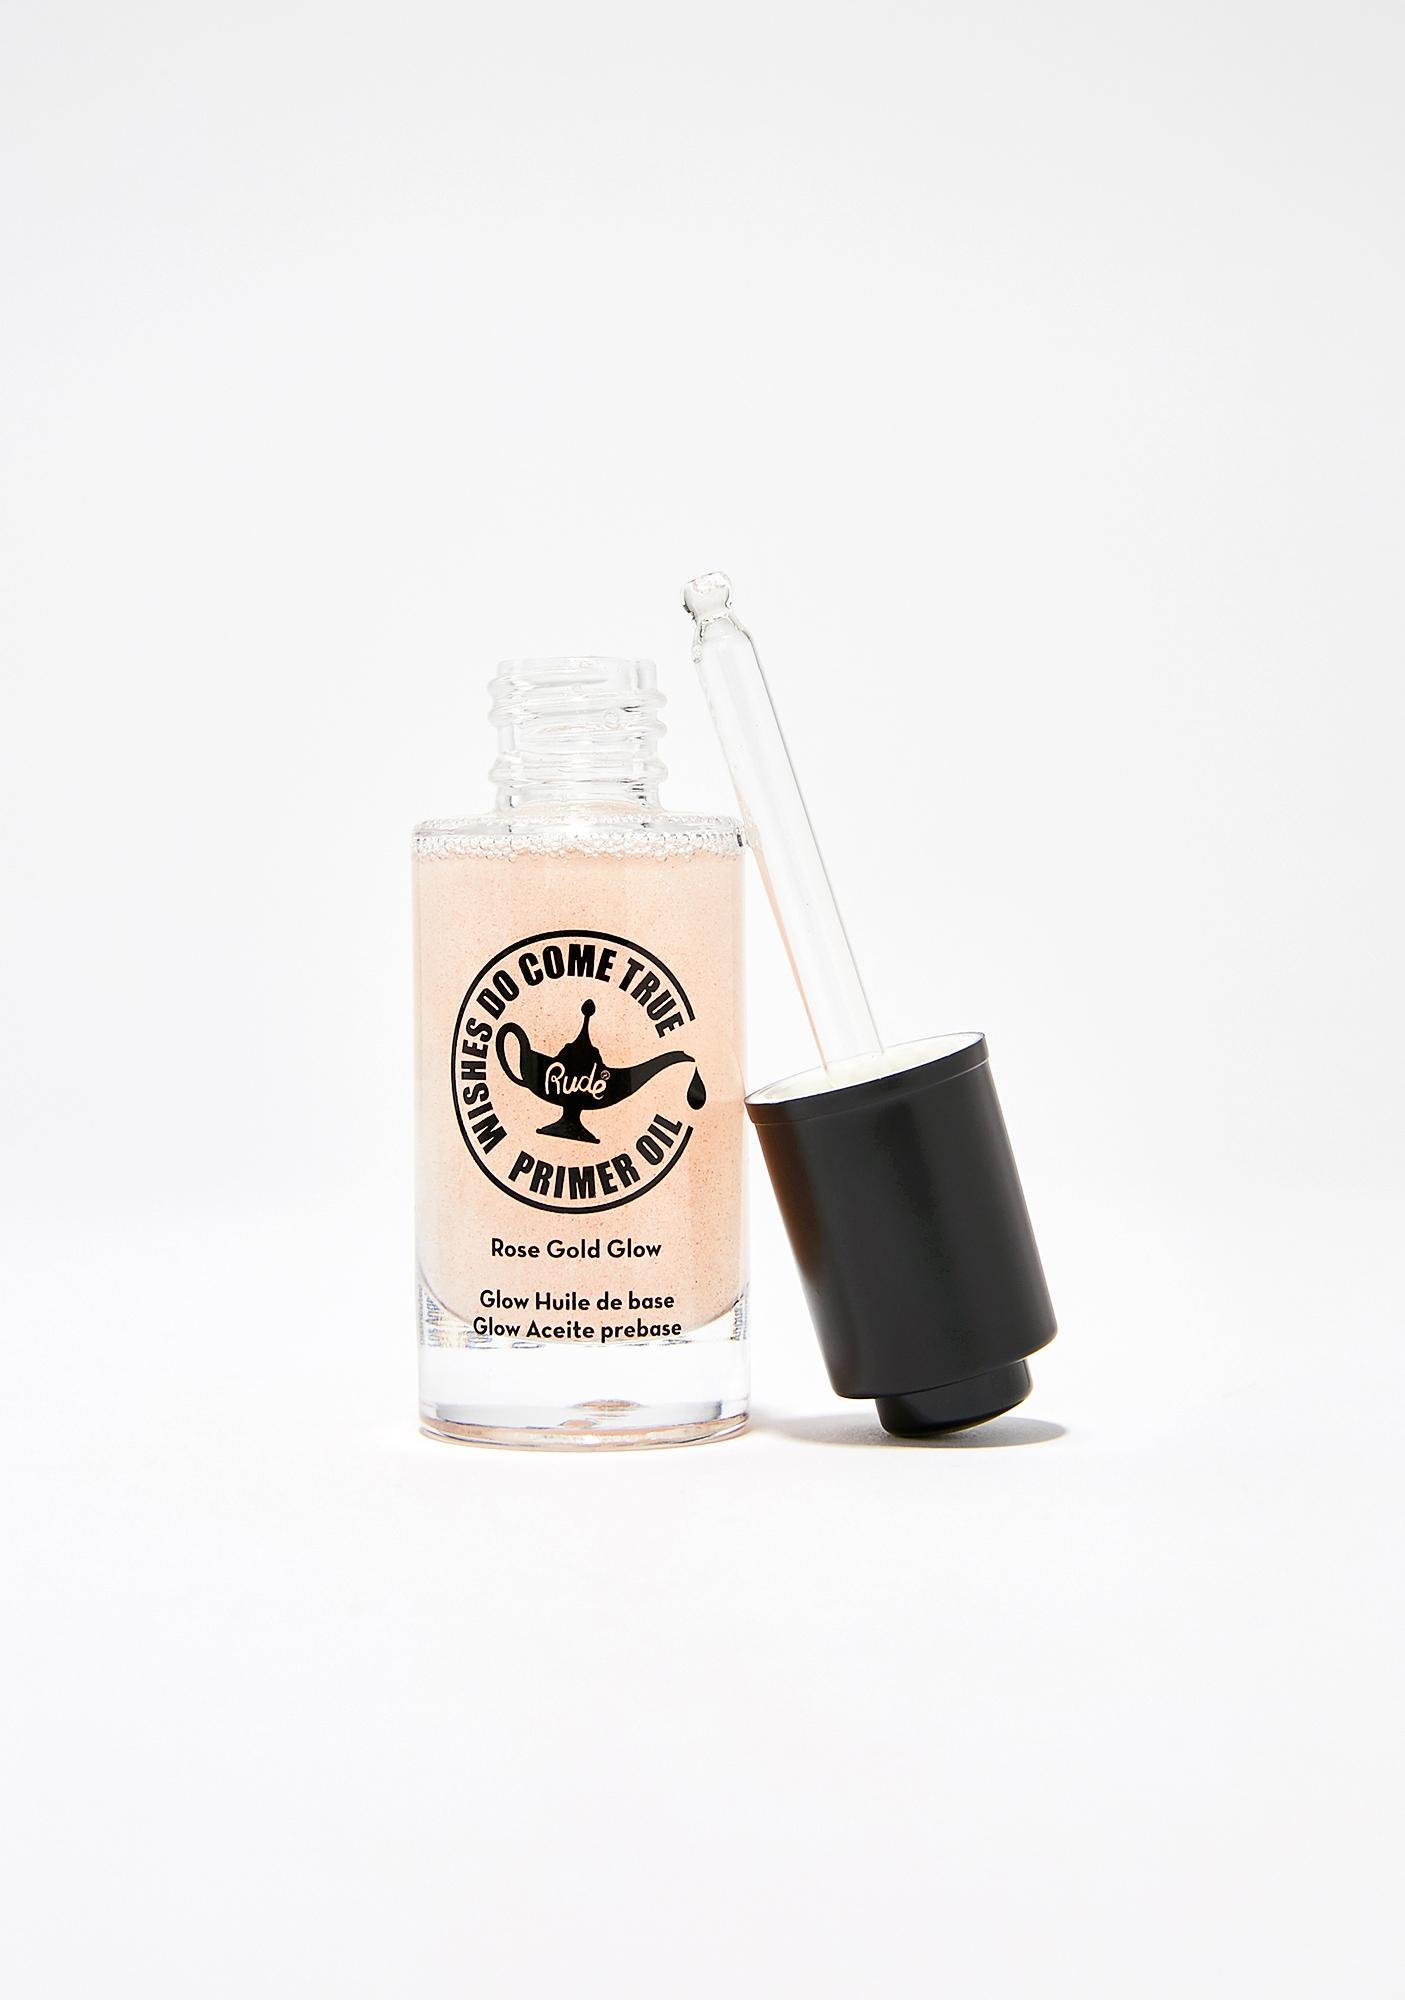 Rude Cosmetics Wishes Do Come True Glow Primer Oil